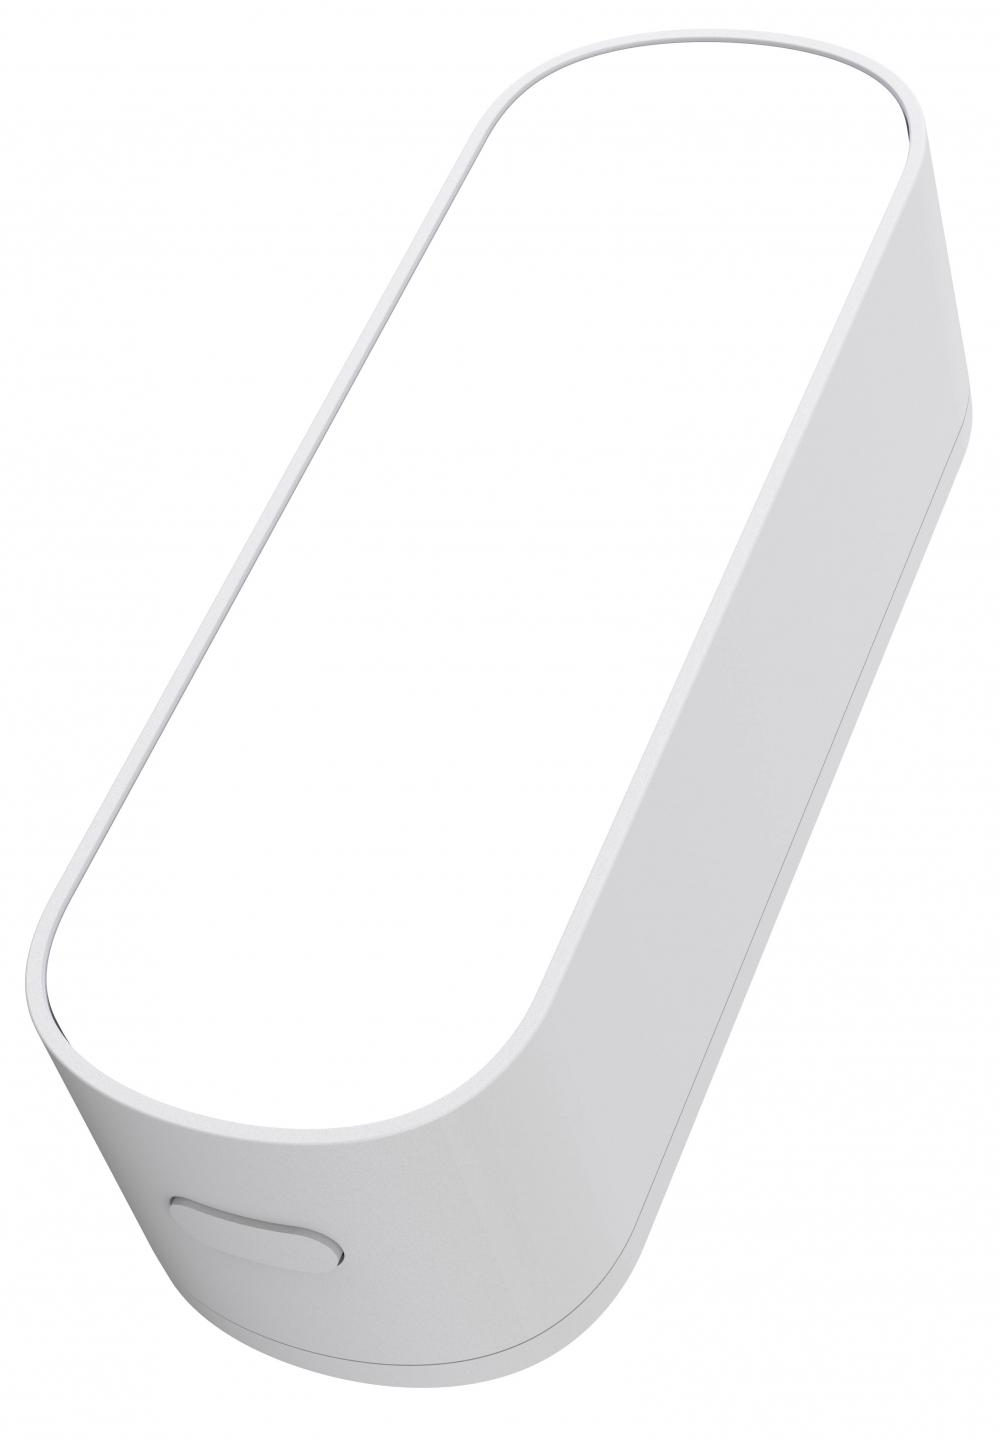 Умный дом: освещение. Автоматическое включение / выключение ночной подсветки (ZigBee) - 4